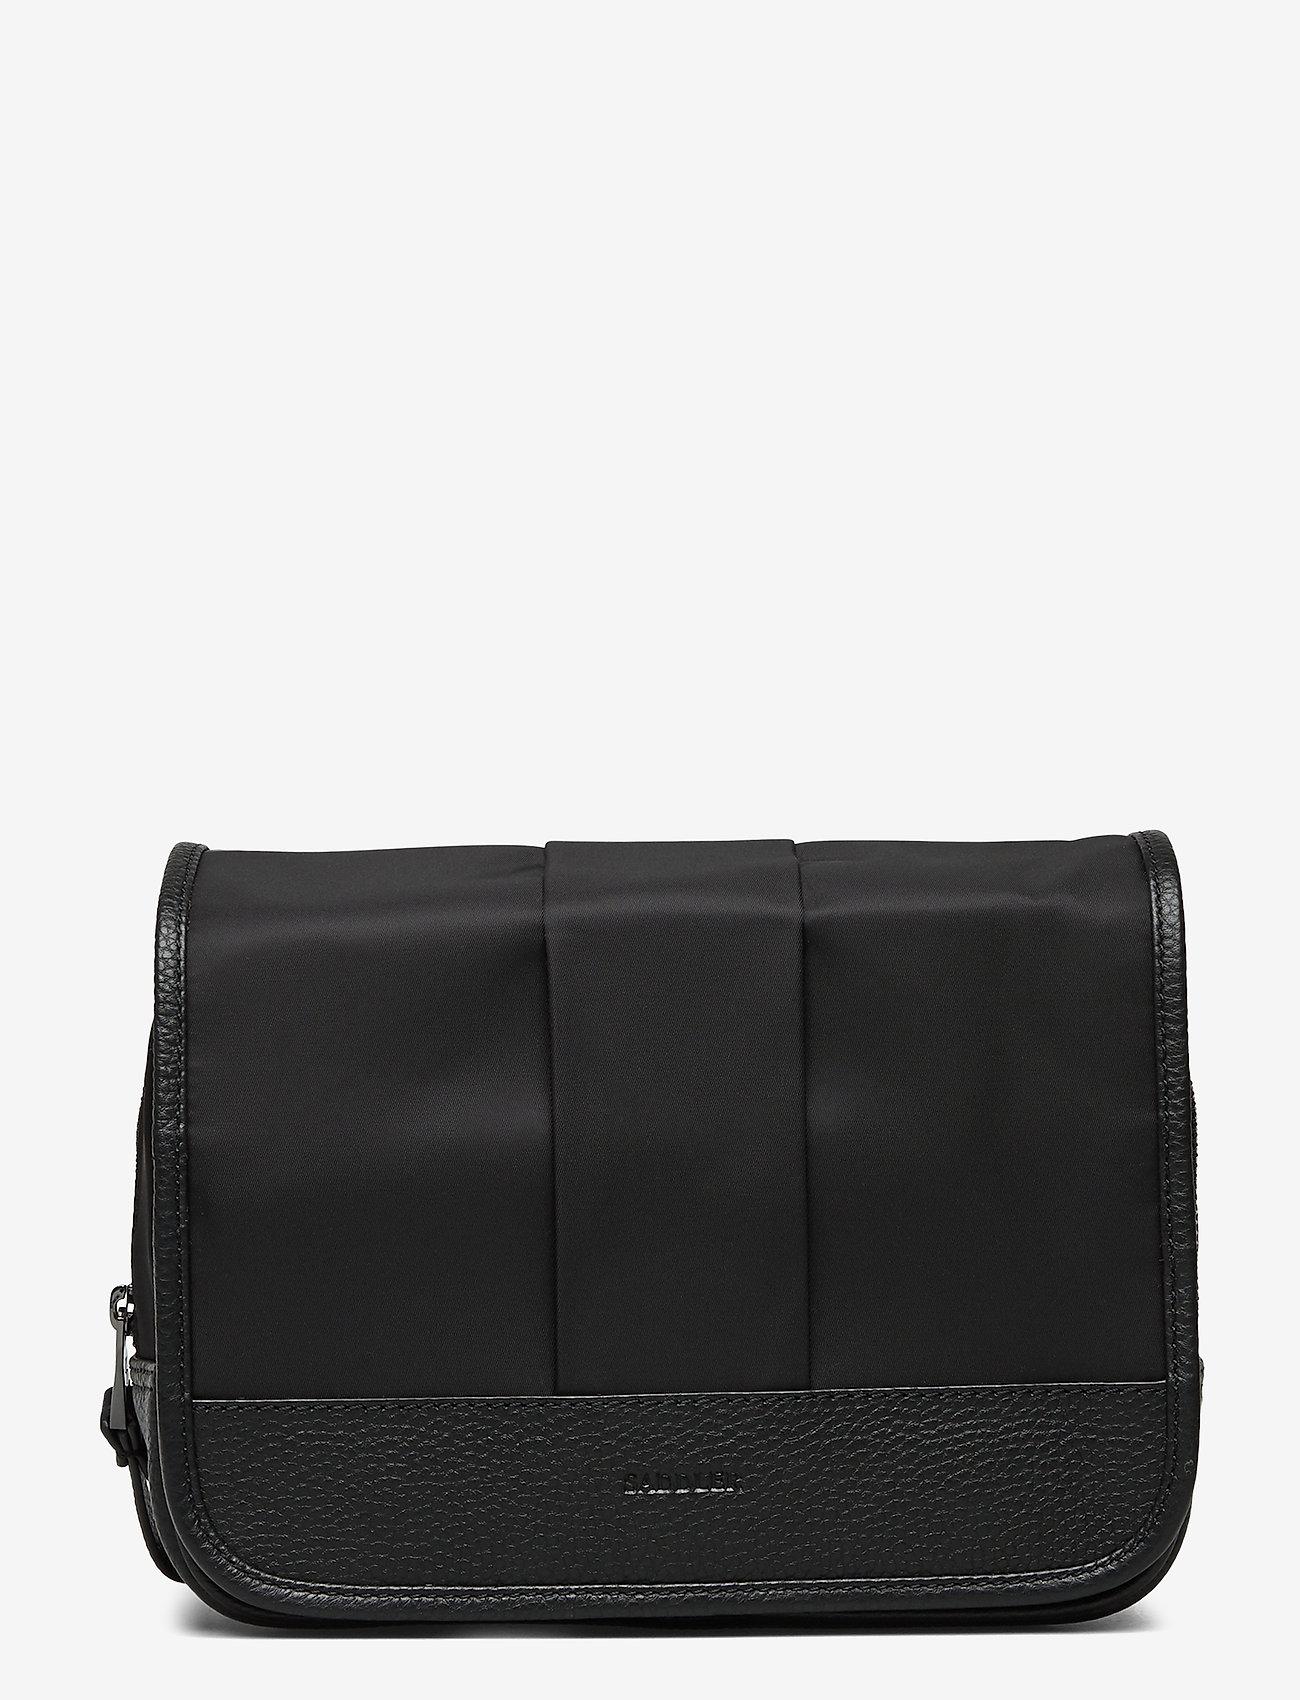 Saddler - Moscow - sale - black/black - 0